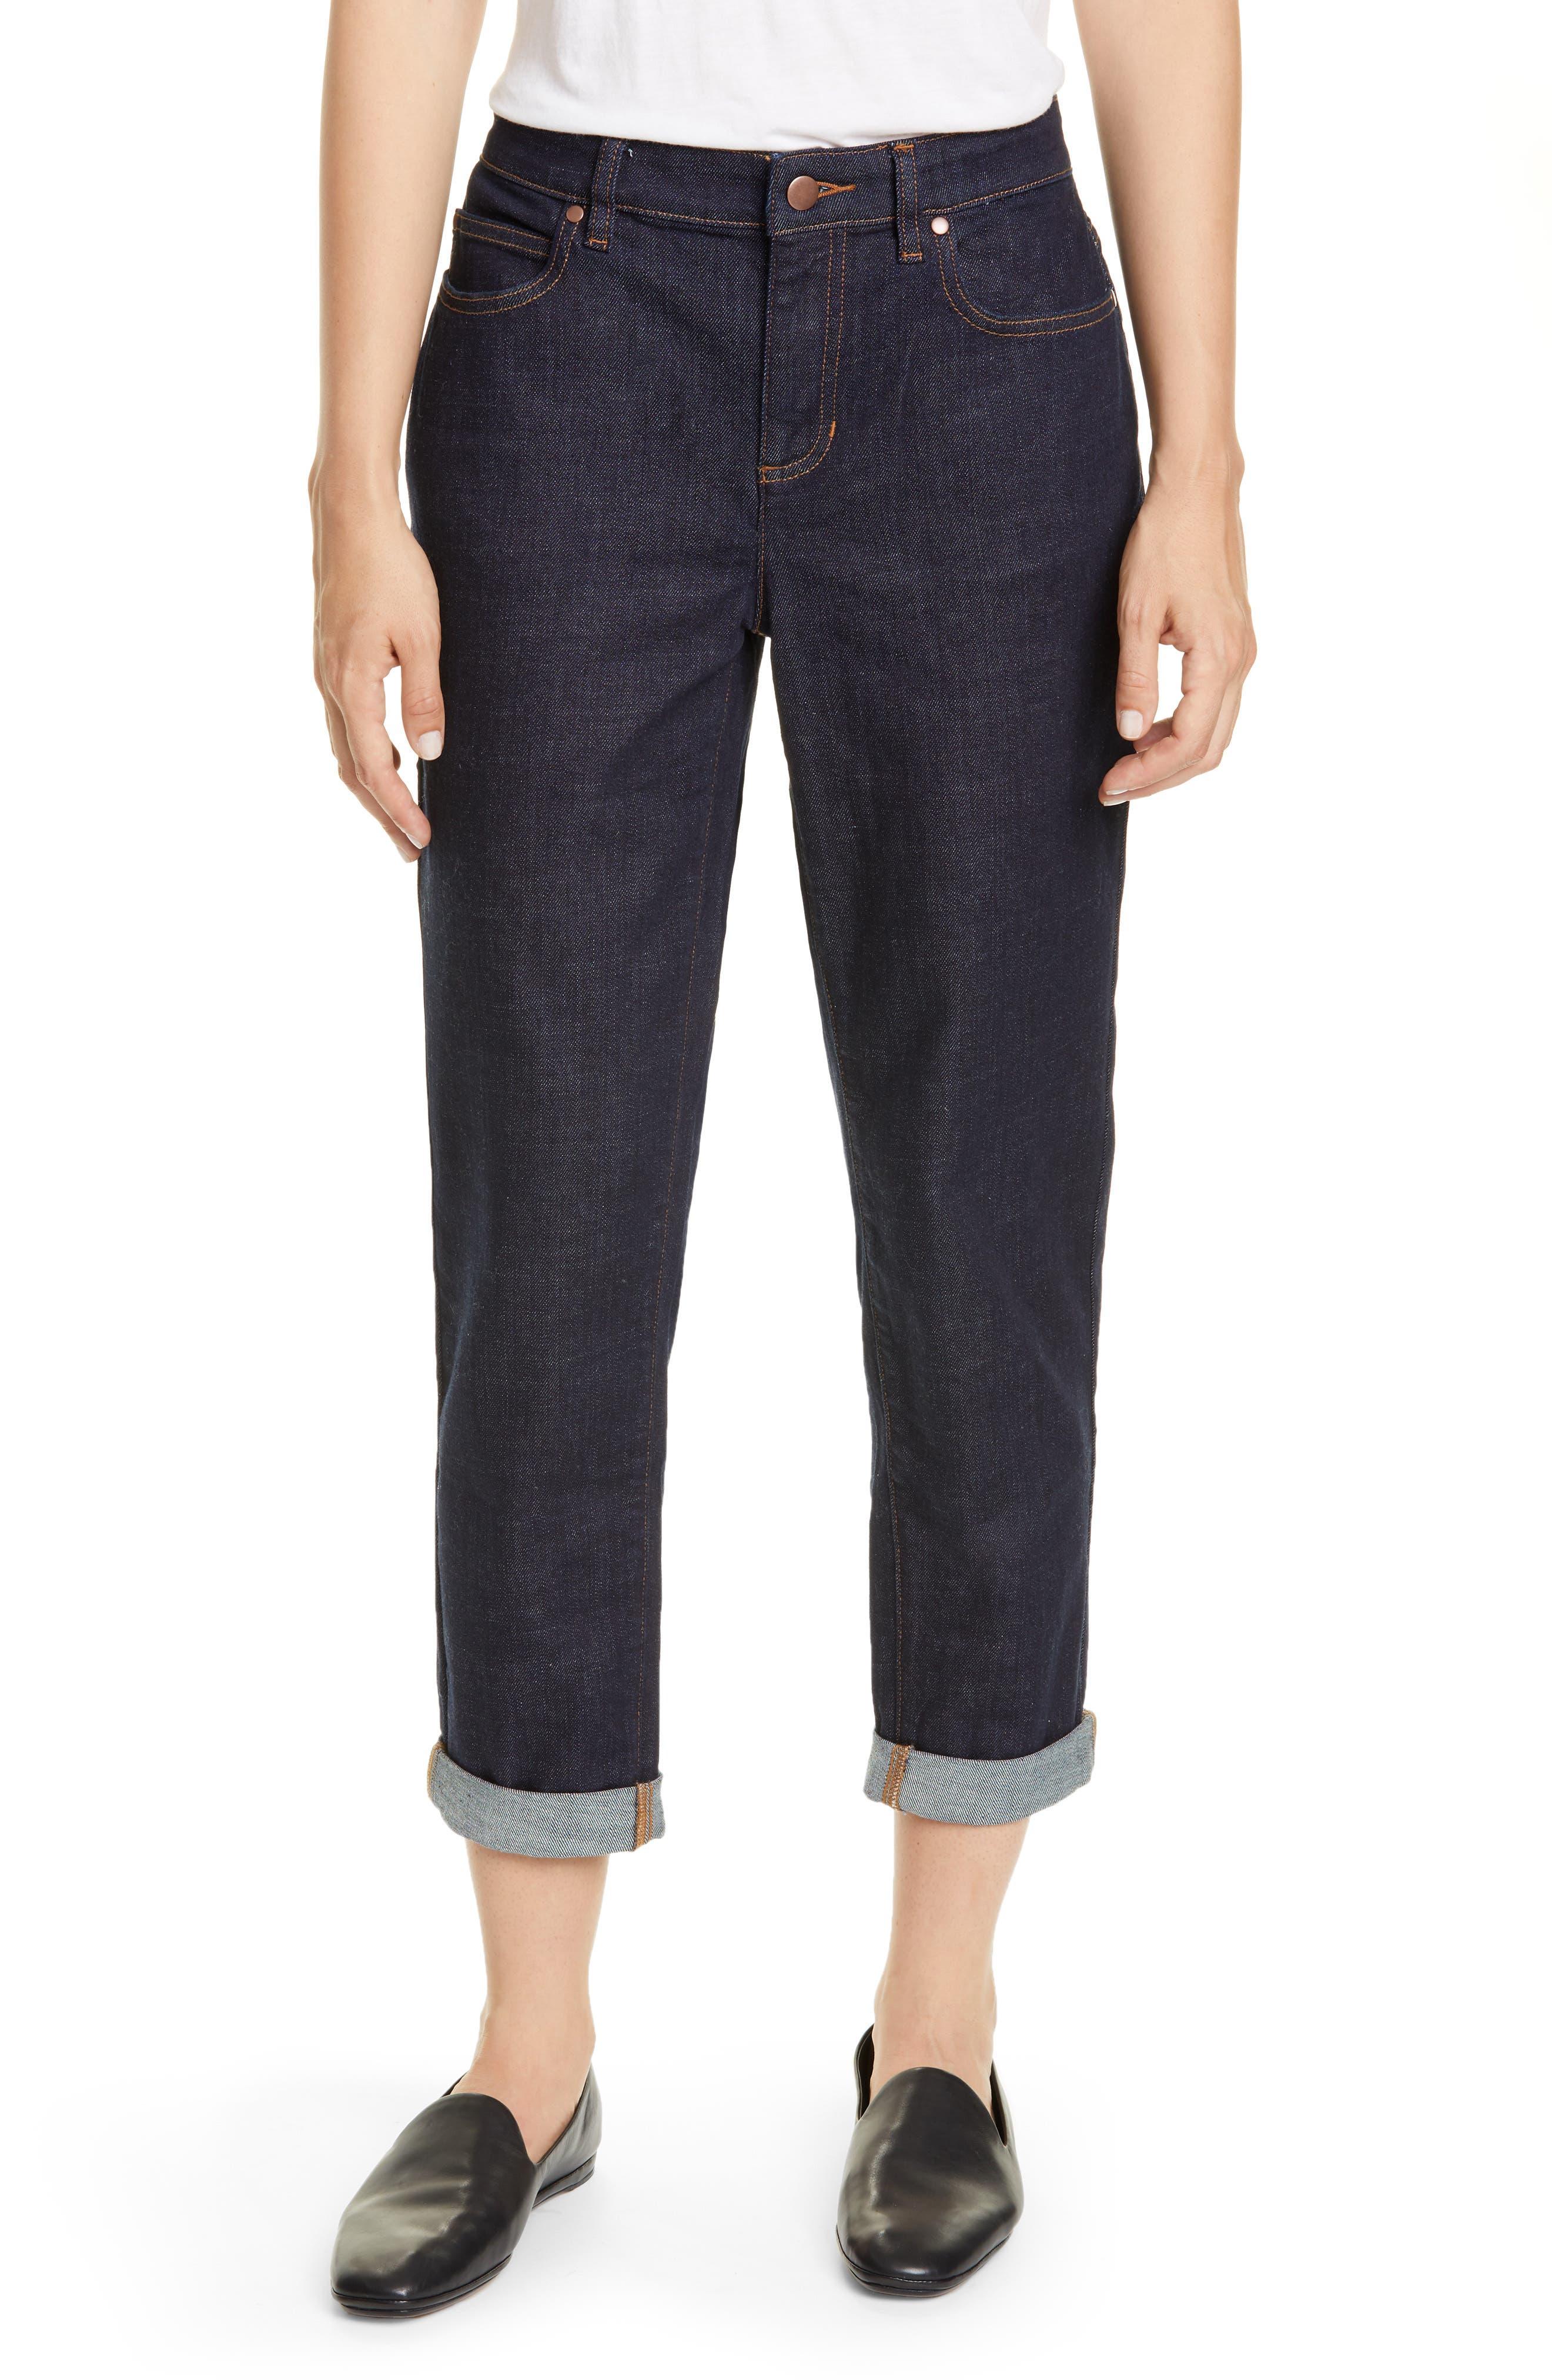 Eileen Fisher High Waist Boyfriend Jeans (Regular & Petite)